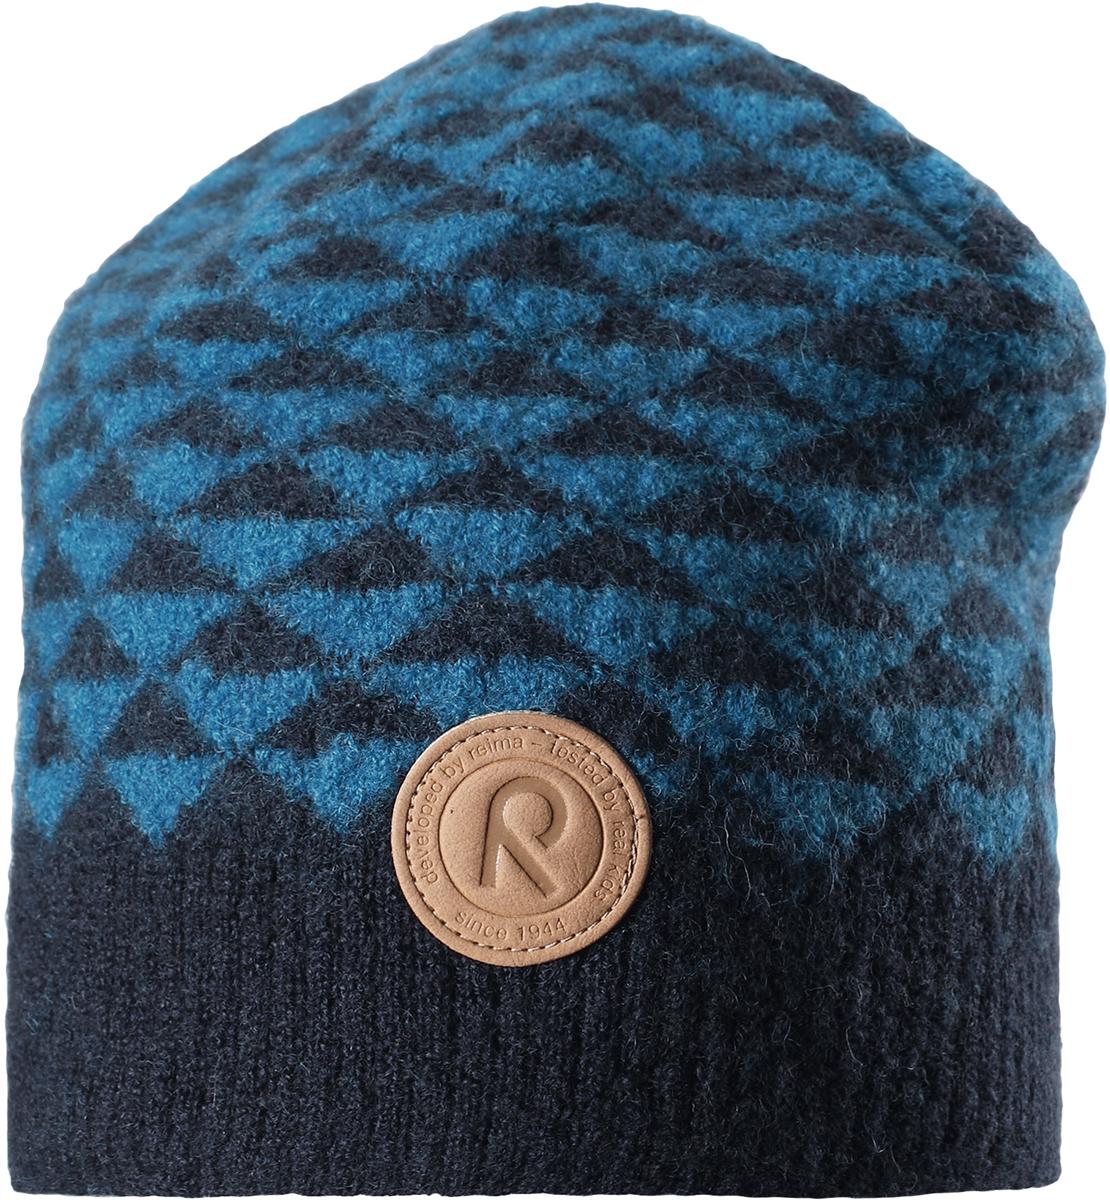 Шапка-бини детская Reima Kaamos, цвет: синий. 5285576740. Размер 565285576740Детская шапка из теплого шерстяного трикотажа Reima станет отличным вариантом на зимние холода. Материал превосходно регулирует температуру и хорошо согревает голову. Трикотажная подкладка в рубчик из смеси хлопка и эластана гарантирует тепло, а ветронепроницаемые вставки защищают уши. Модель имеет декоративную структурную вязку.